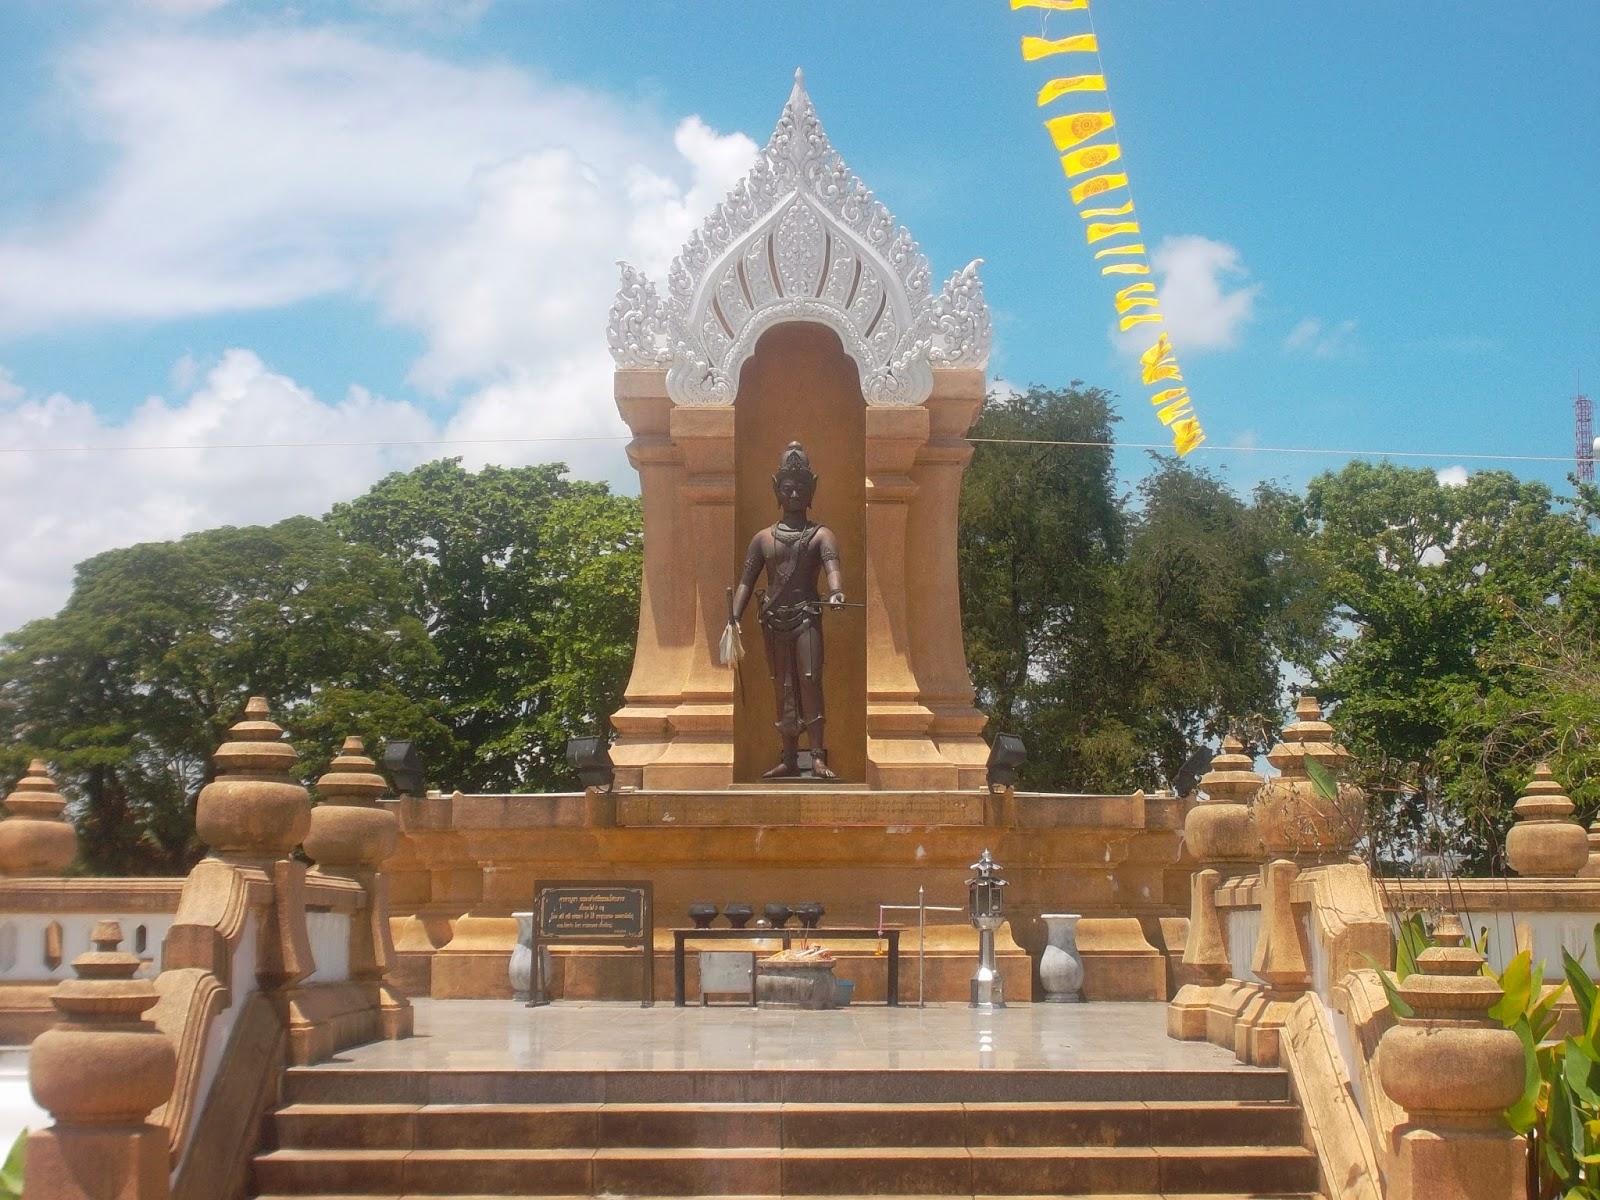 Nakhon Si Thammarat Thailand  city photos gallery : Nakhon Si Thammarat | Southern Thai Expat